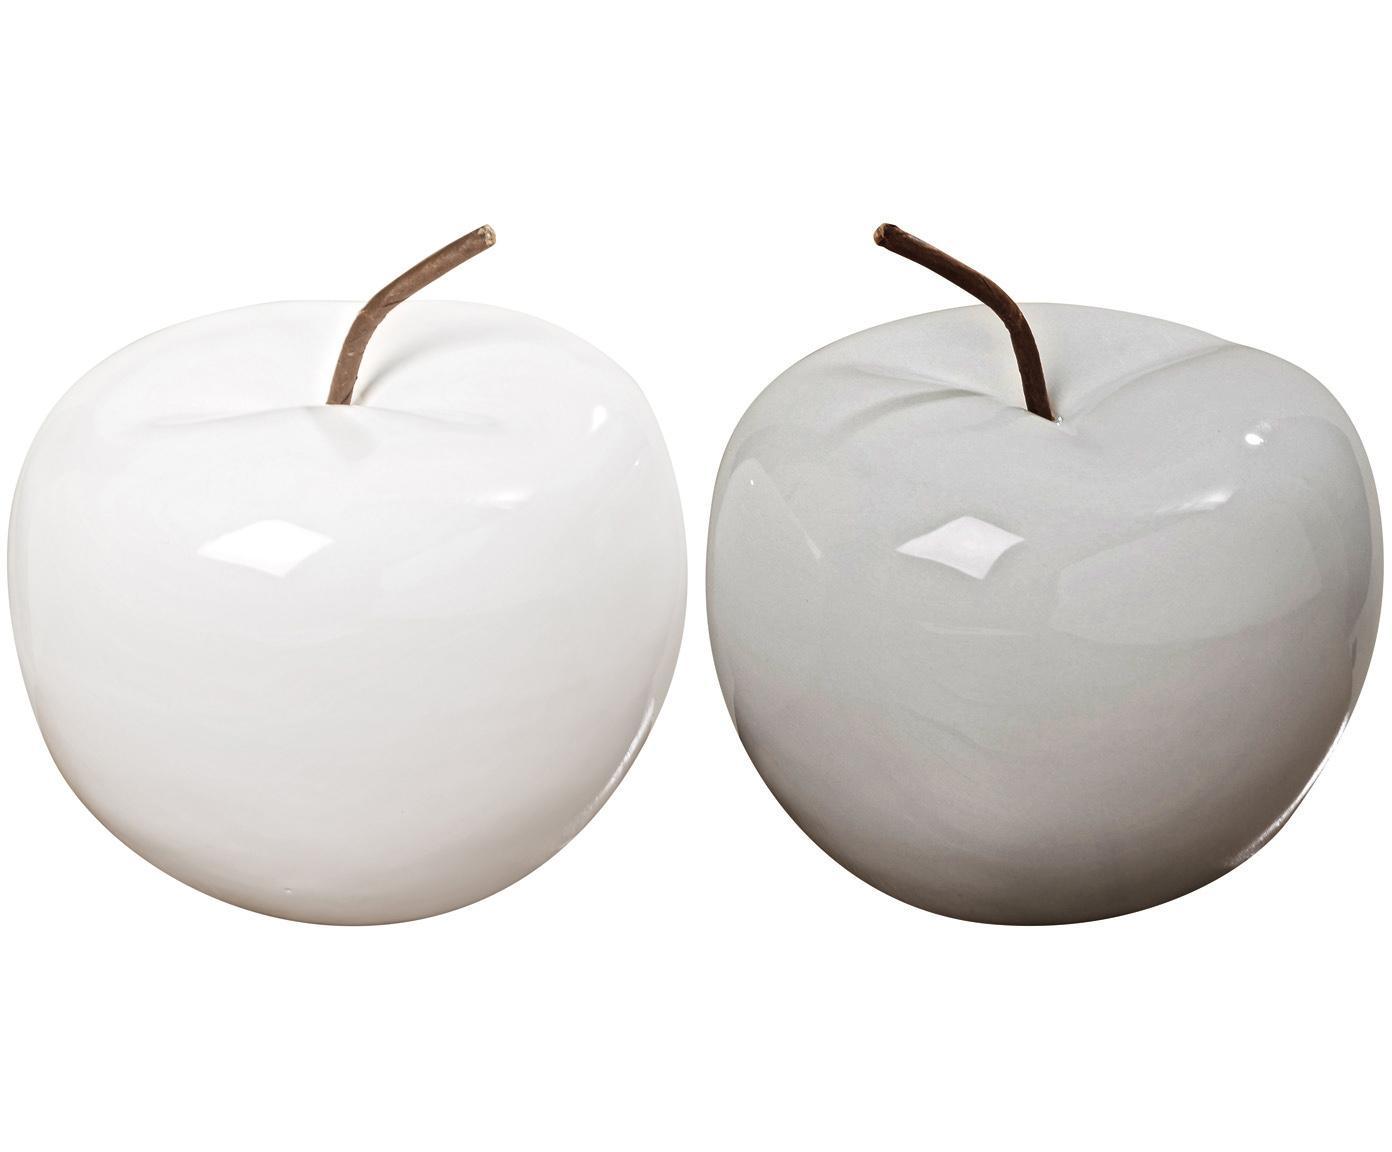 Deko-Äpfel Alvaro, 2 Stück, Steingut, Weiss, Braun, Ø 13 x H 12 cm